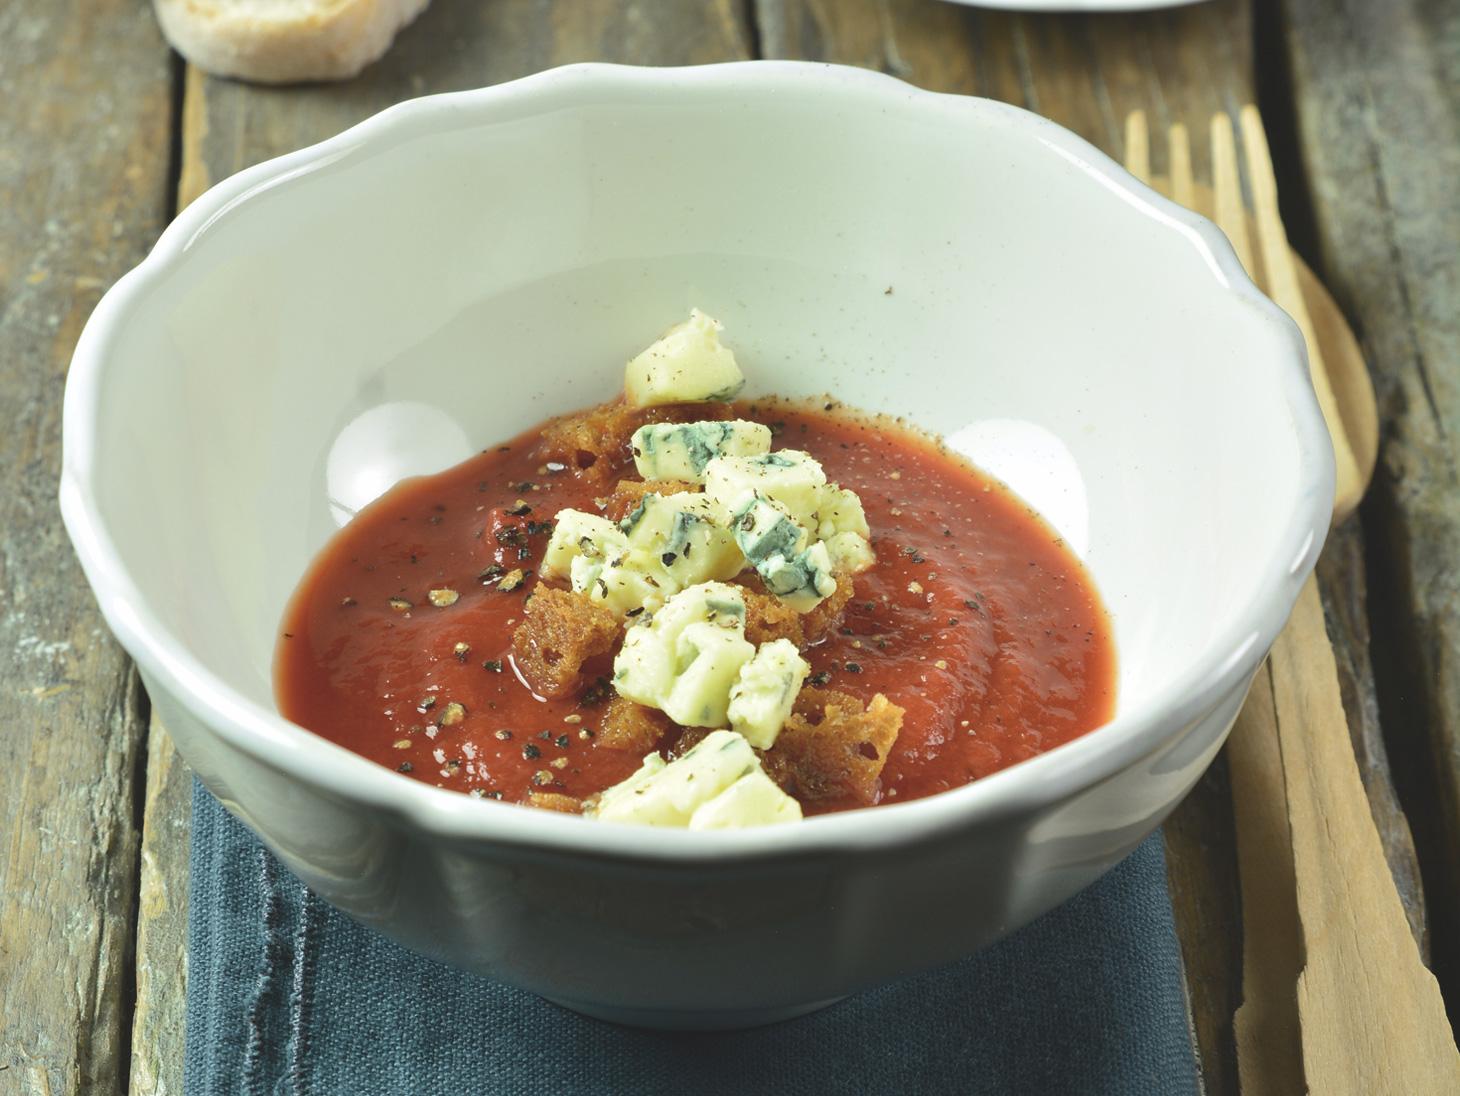 Zuppetta rossa con Chiriboga